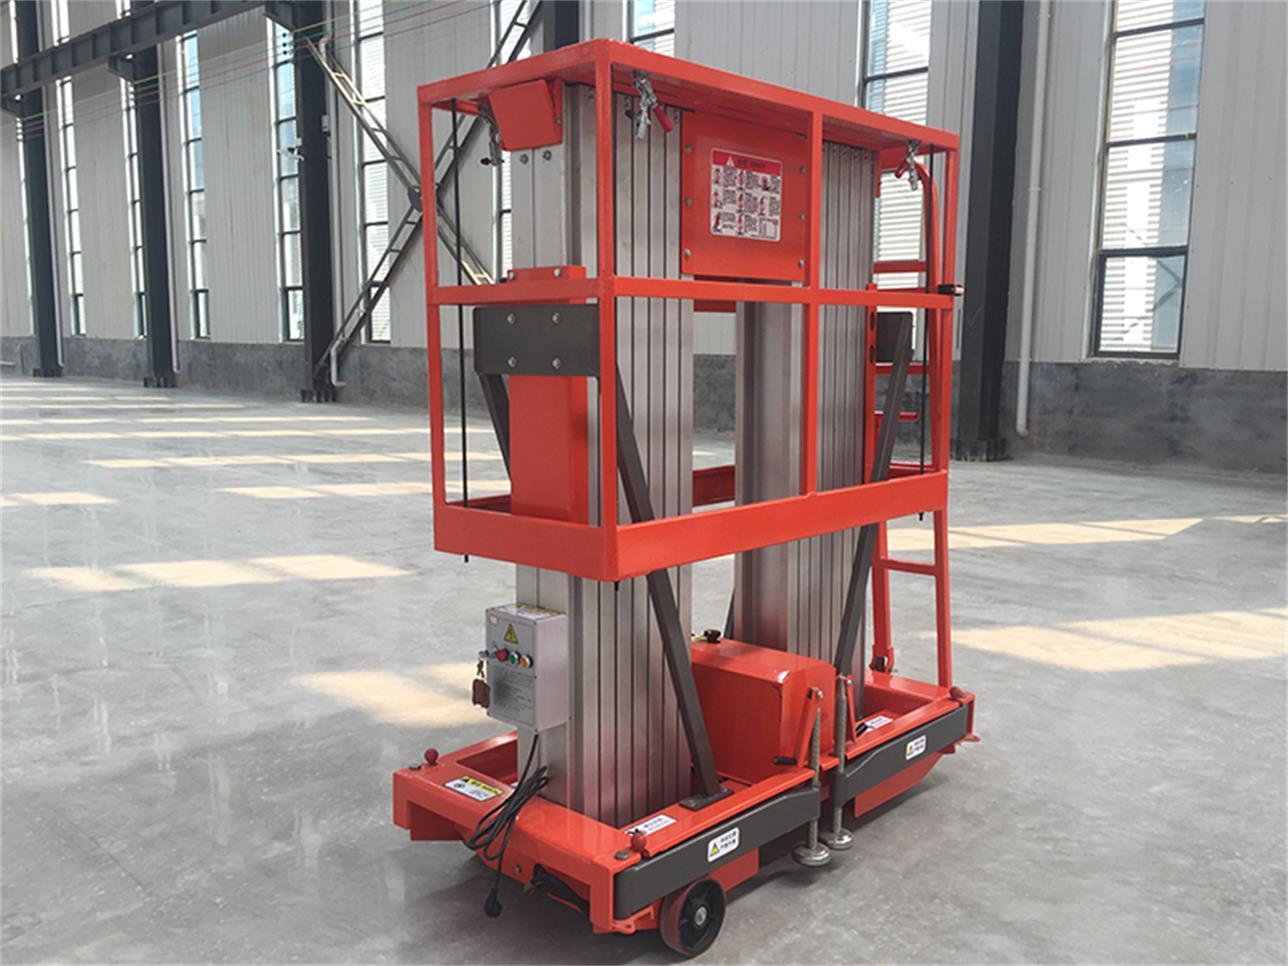 上海市优惠的人工移动铝合金升降机哪里有供应 人工移动型铝合金升降机采购